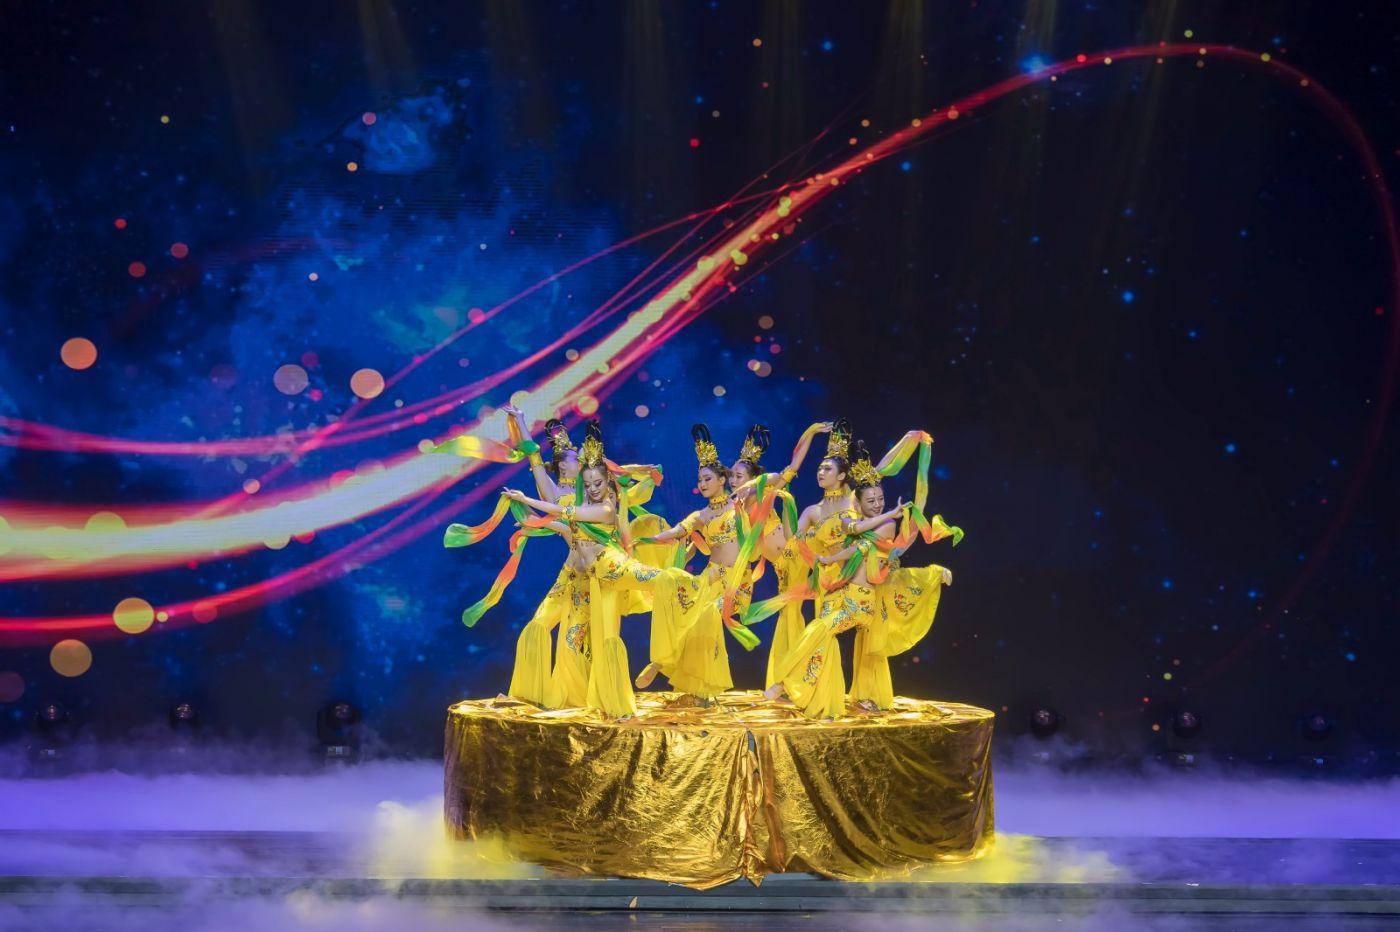 沂蒙大地上 有一种舞蹈叫飞天 这是几位临沂女孩的杰作 美轮美奂 ..._图1-68